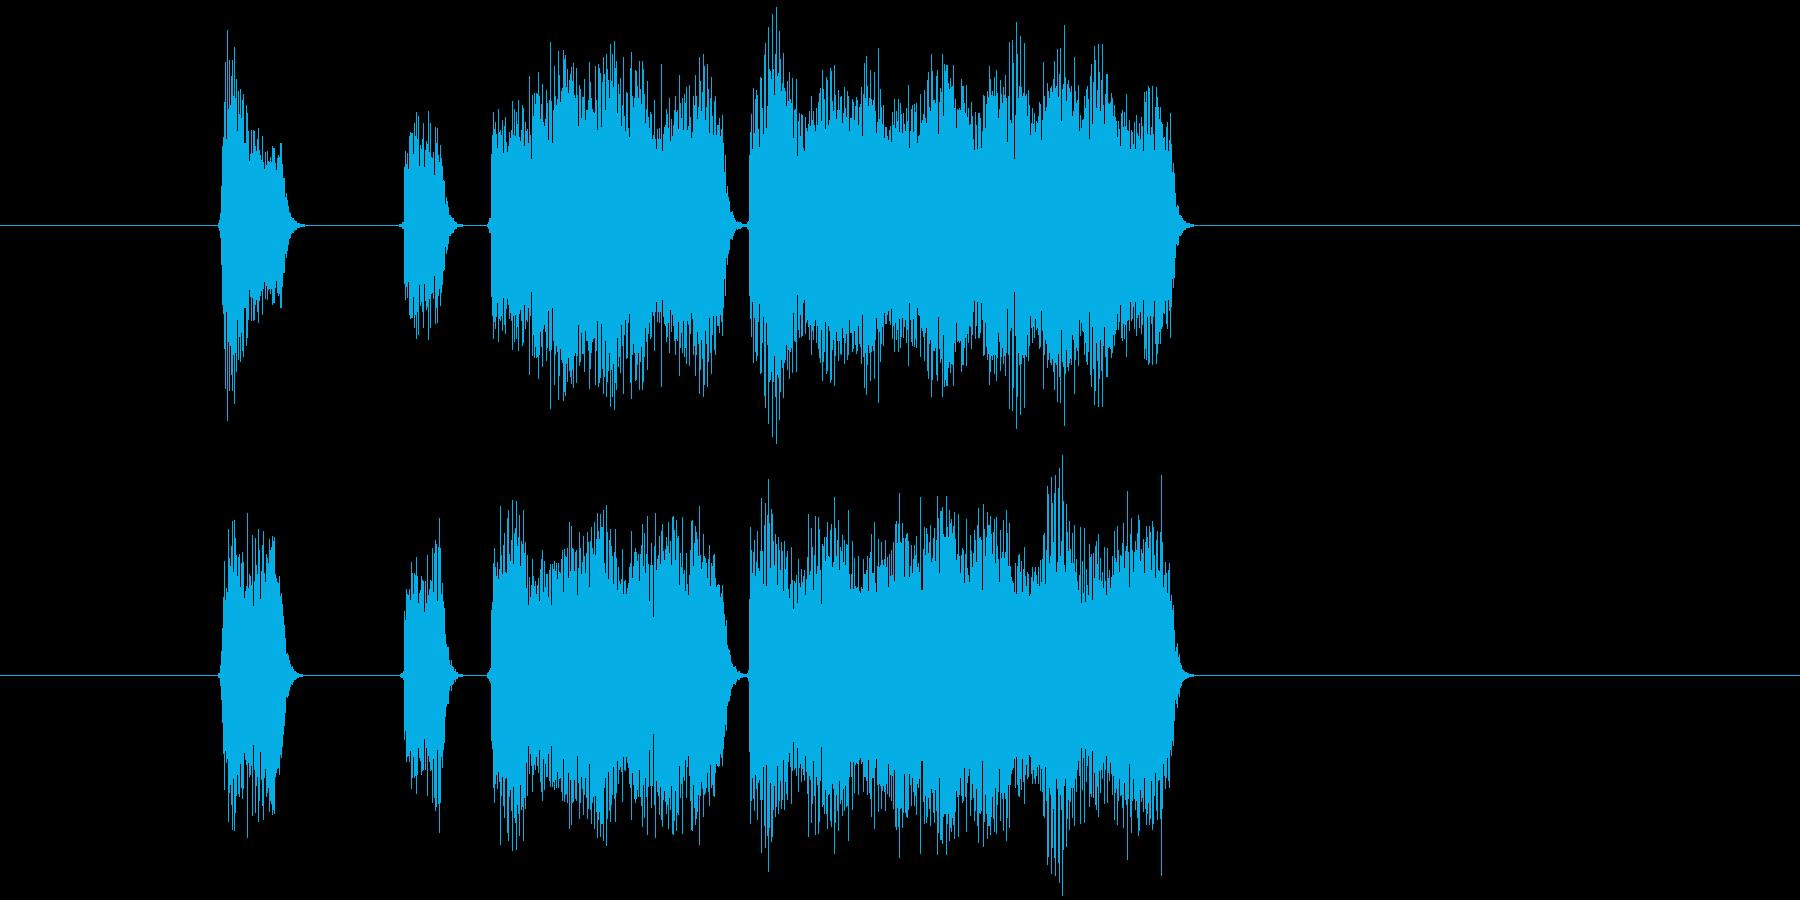 ゲーム、クイズ(正解)_013の再生済みの波形